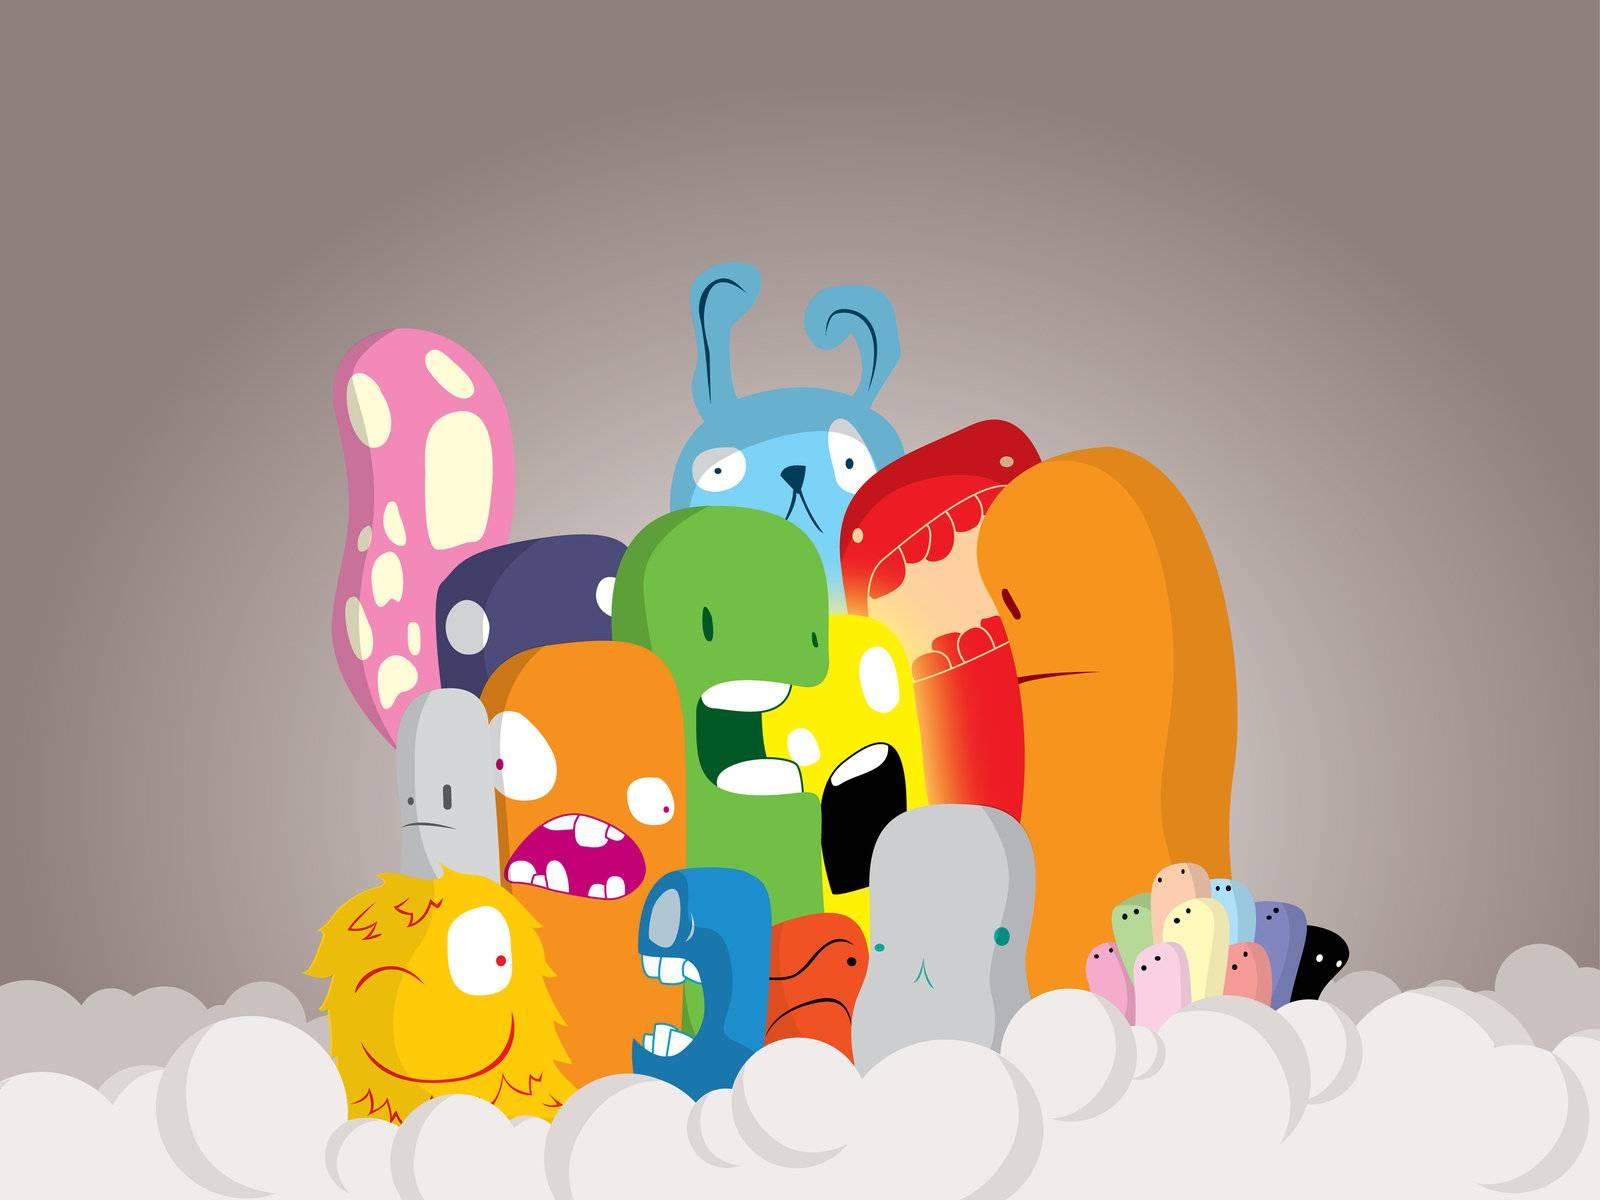 Imagenes hilandy fondo de pantalla animacion monstruos - Imagenes con animacion ...